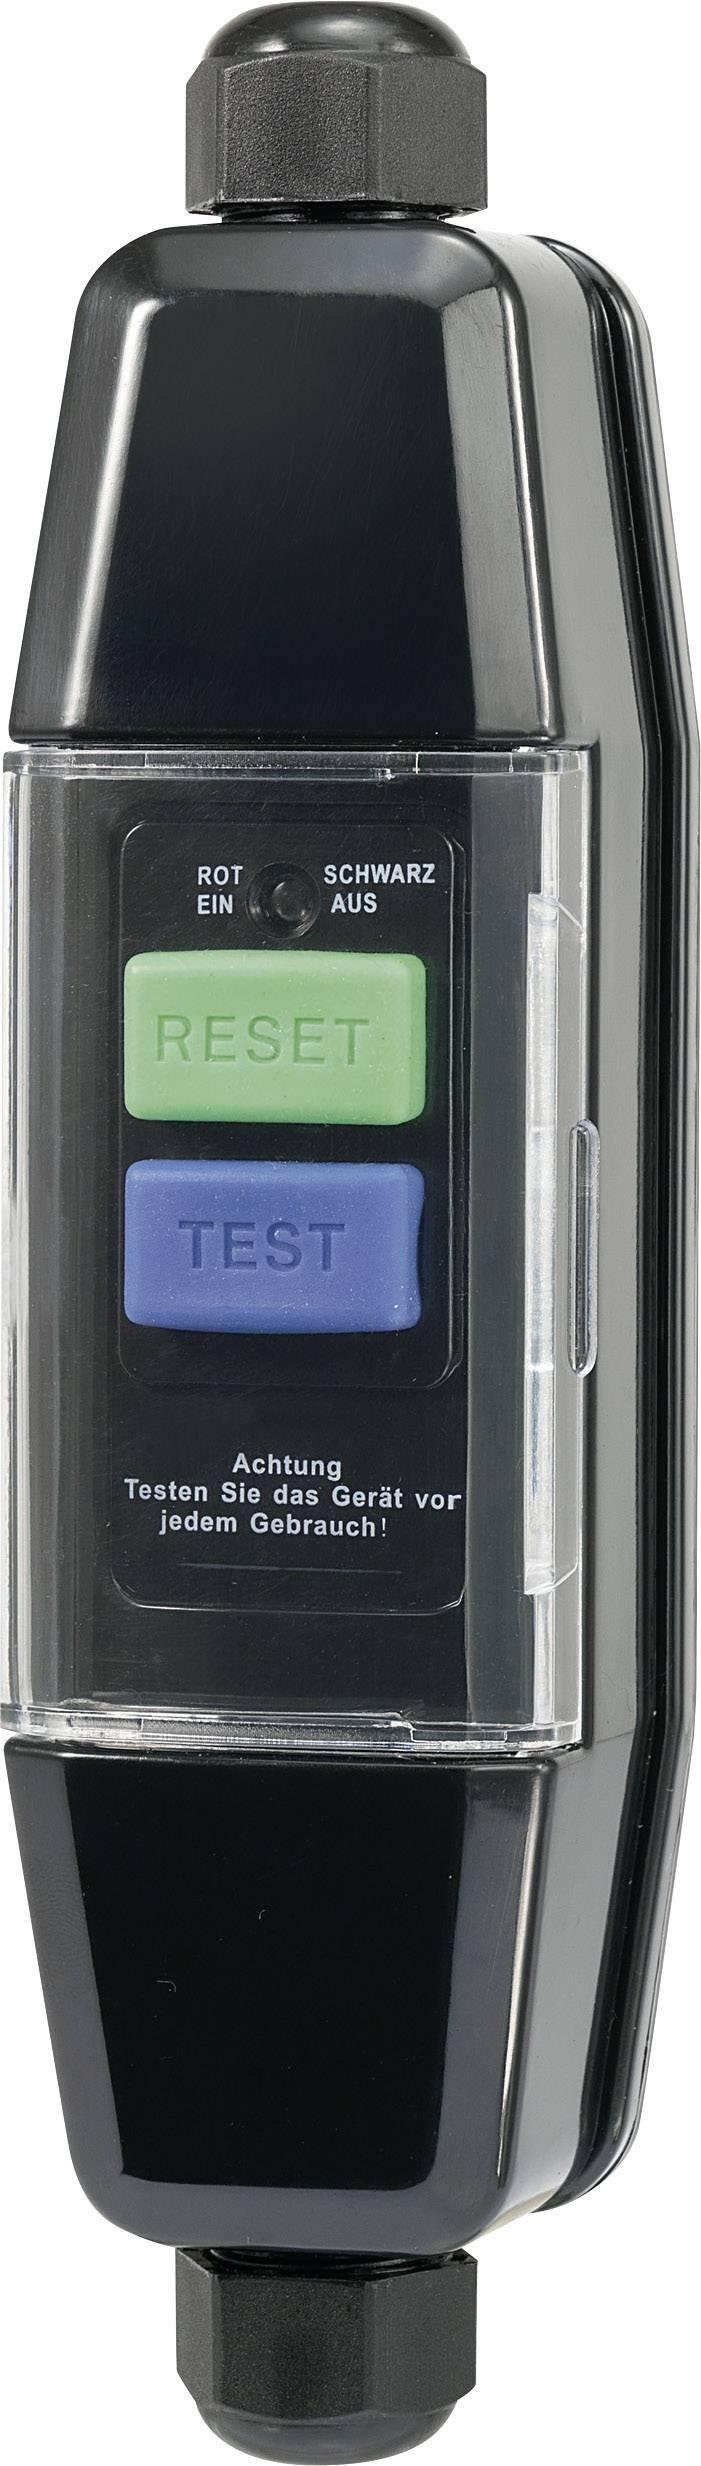 Prúdový chránič na kábel 230 V IP55, 10 mA, čierna